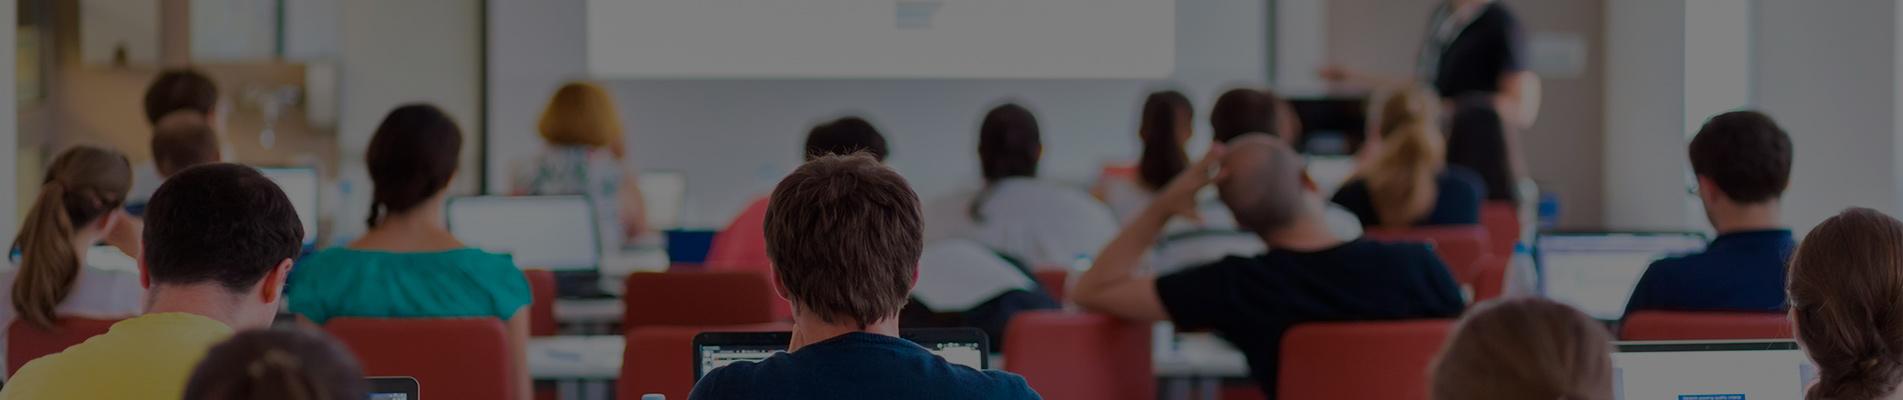 Plataforma de Formación para Centros Educativos